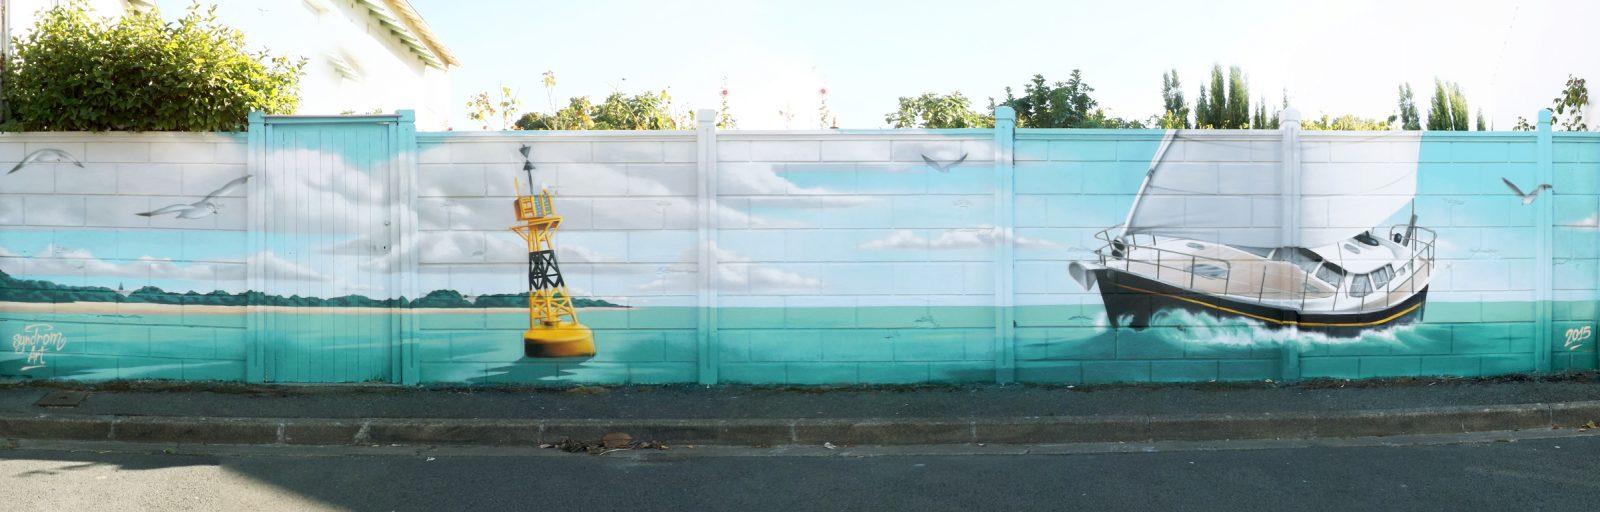 Graffiti-deco-Fresque-maritime-La-Rochelle